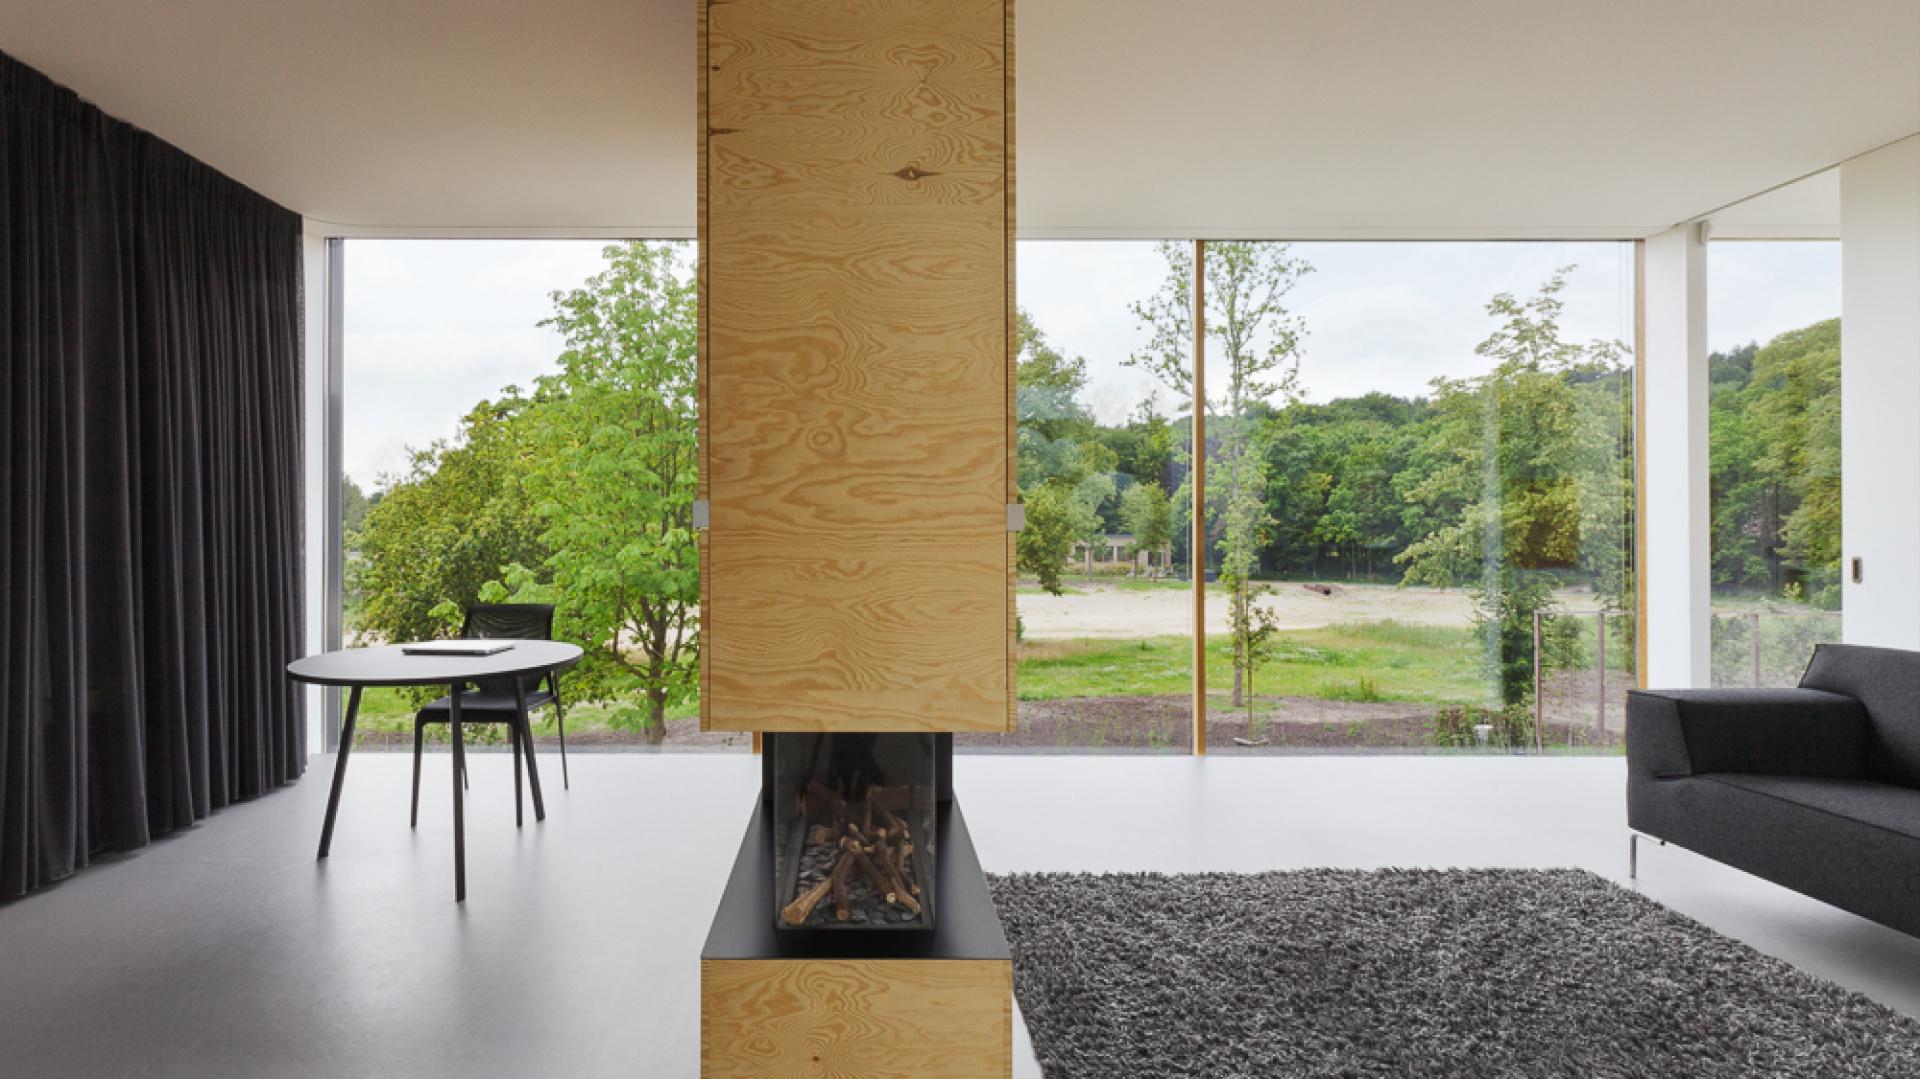 Przeszklone ściany rozświetlają wnętrze, zapewniają piękny widok na otaczającą naturę a także dodają lekkości przestrzeni domu. Kominek na przestał pełni funkcję elementu działowego oraz równomiernie rozprowadza ciepło w pomieszczeniach. Projekt: i29 interior architects. Fot. i29 interior architects.